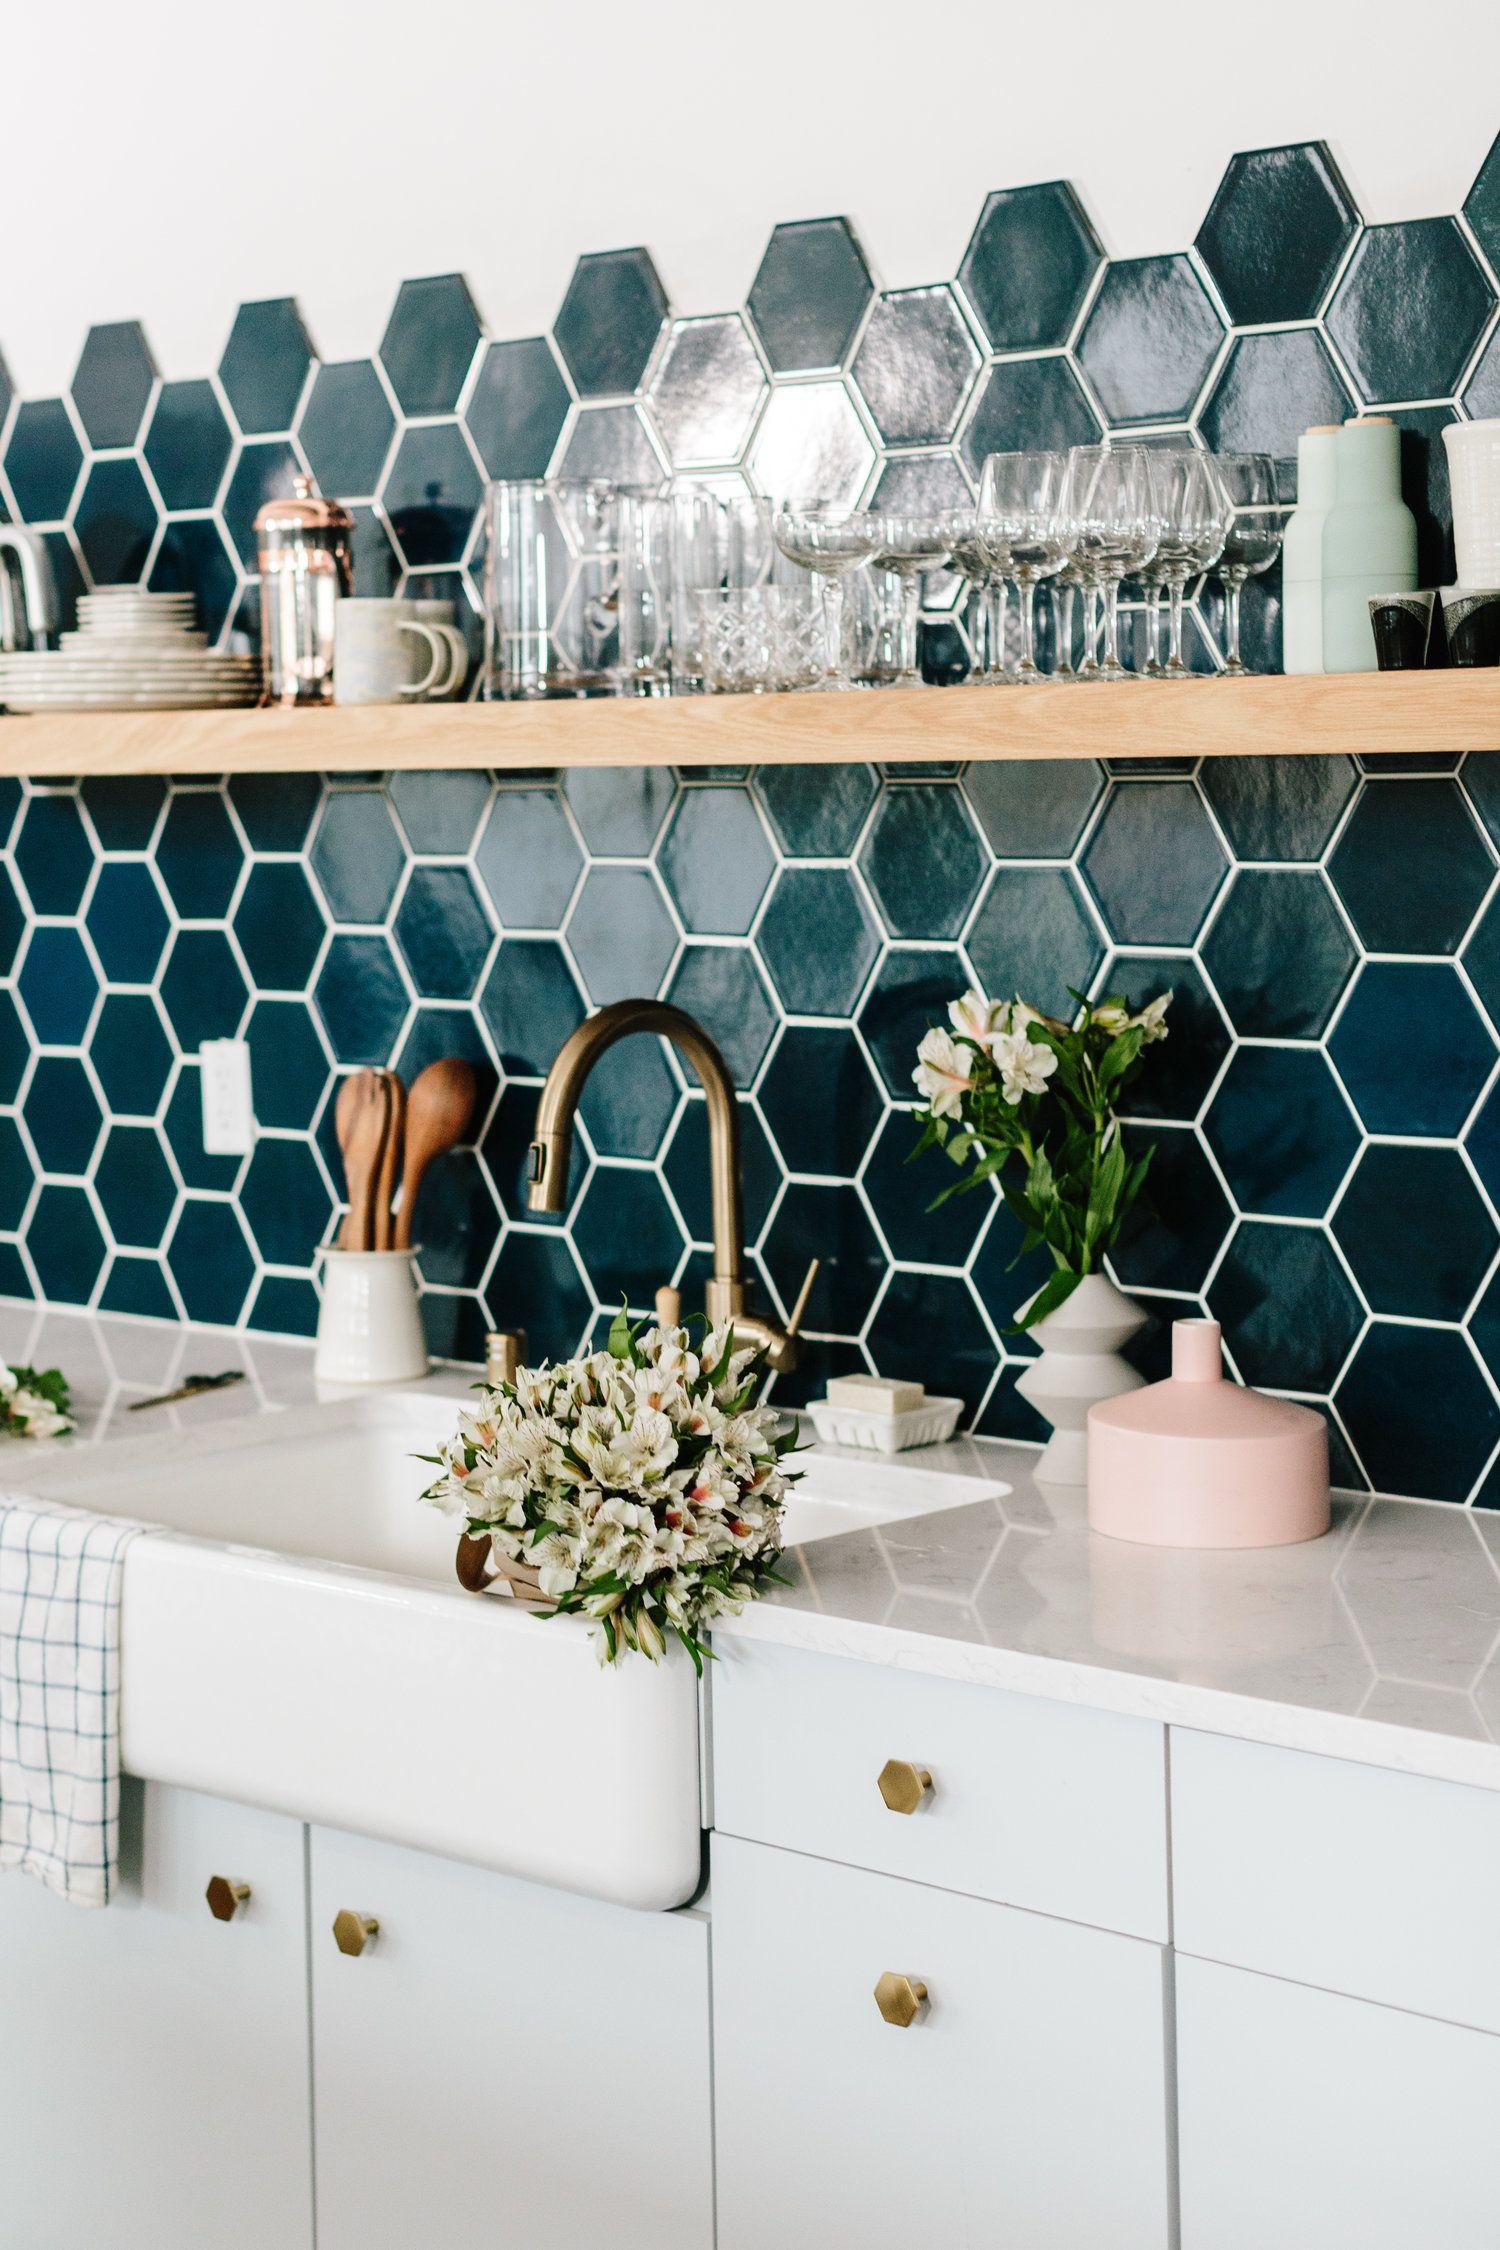 Wuddeltadiyhighresg home pinterest kitchens future